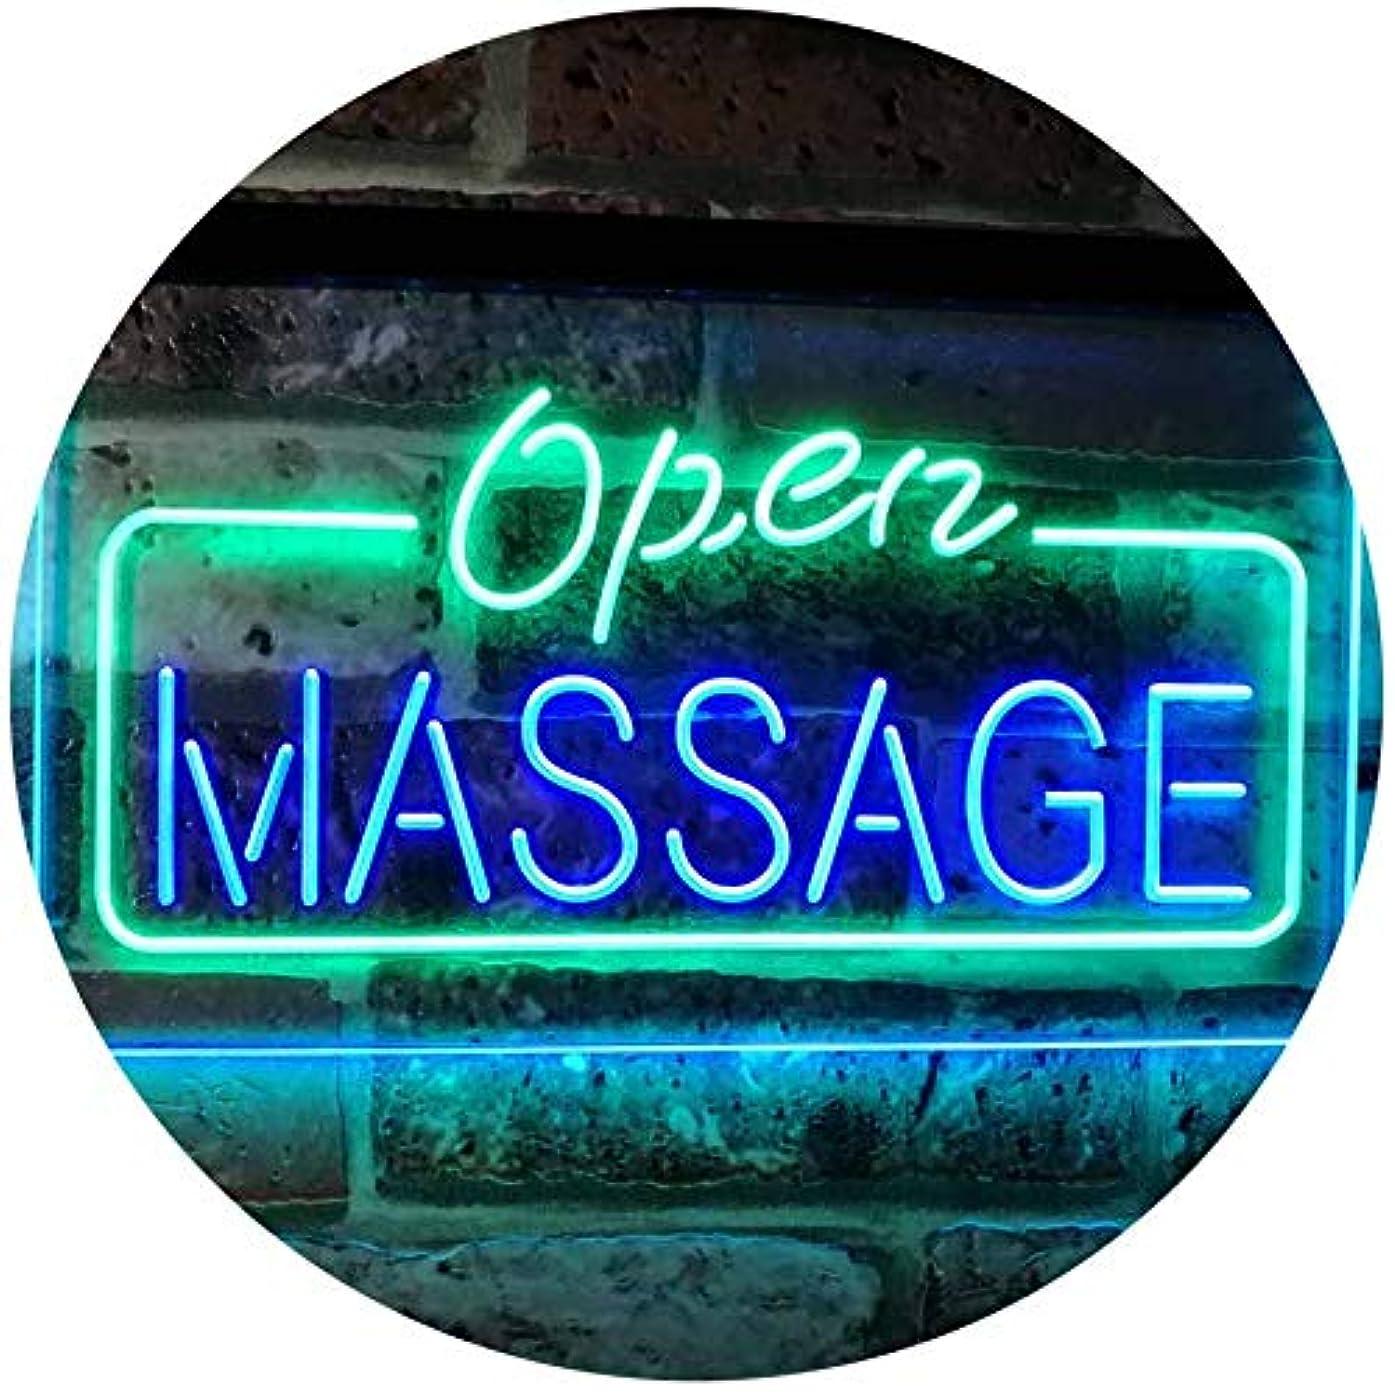 才能のある上向き日付Massage Therapy Open Walk-In-Welcome Display Body Care LED看板 ネオンプレート サイン 標識 Green & Blue 400mm x 300mm st6s43-...